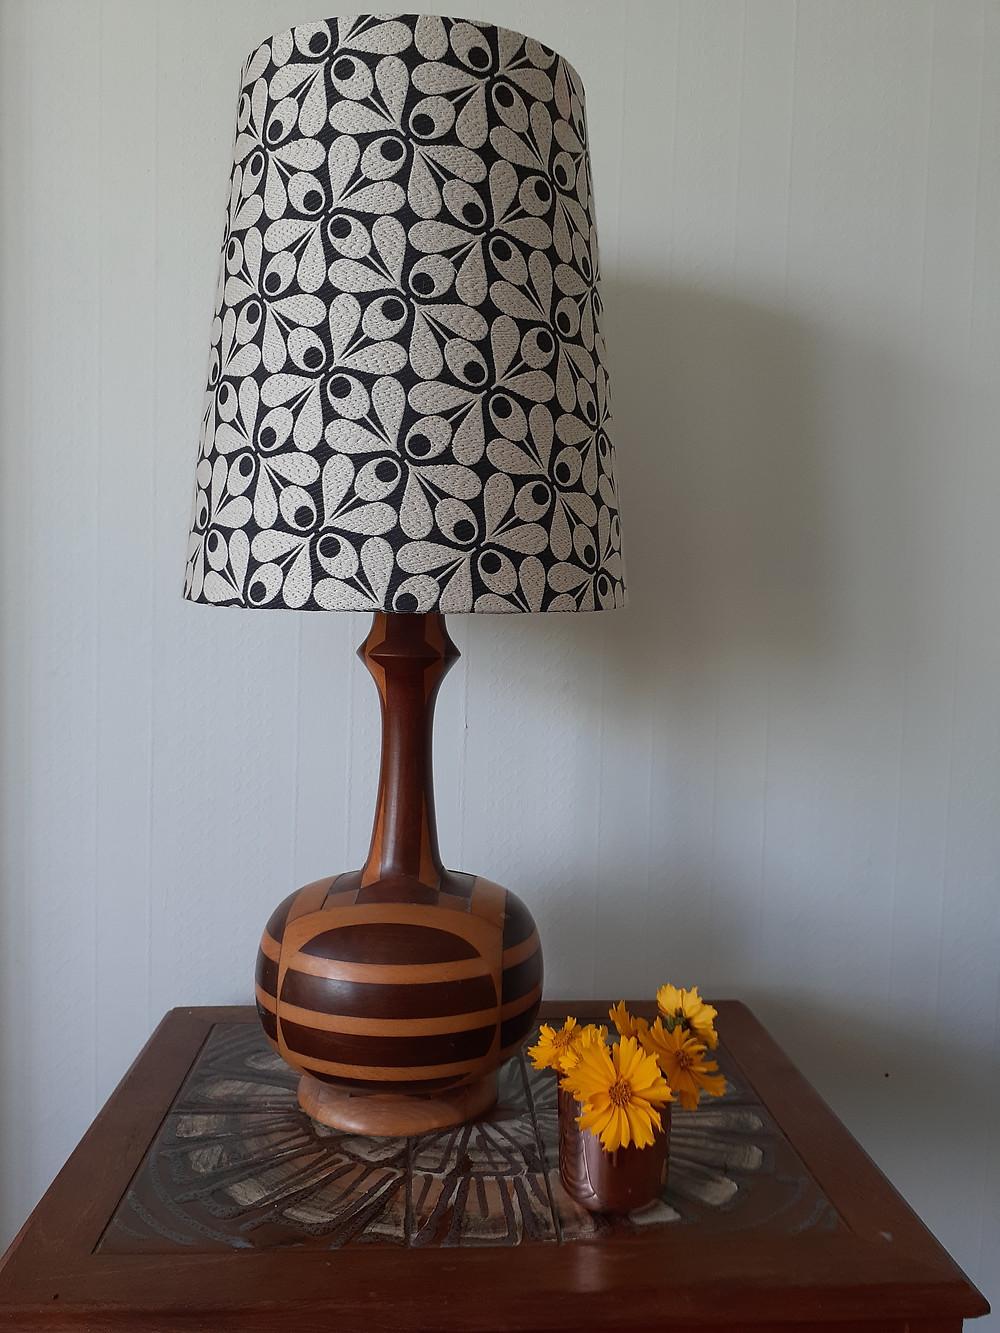 Retro table lampshade, Orla Kiely fabric